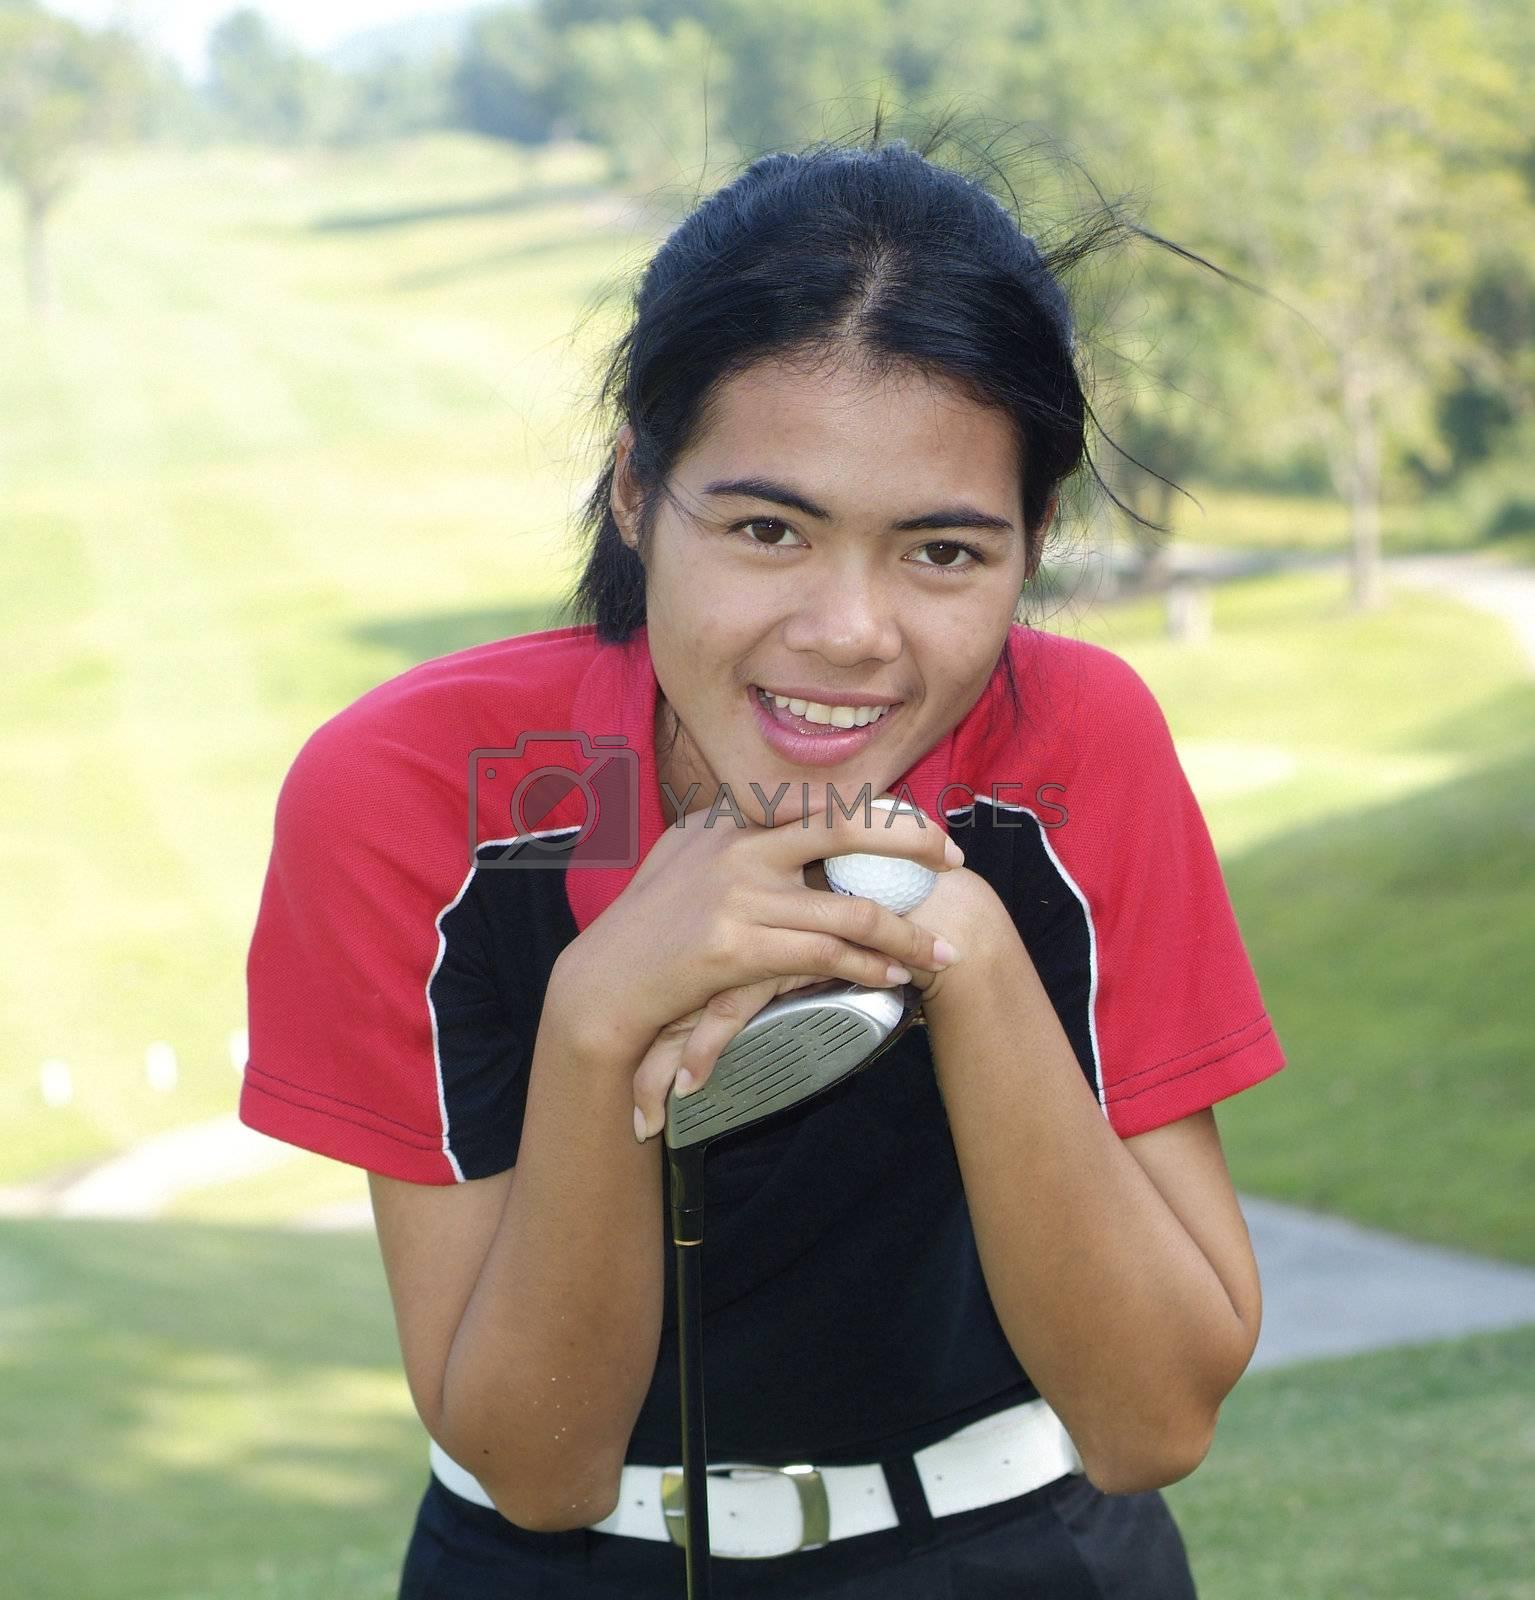 Female golf player by epixx